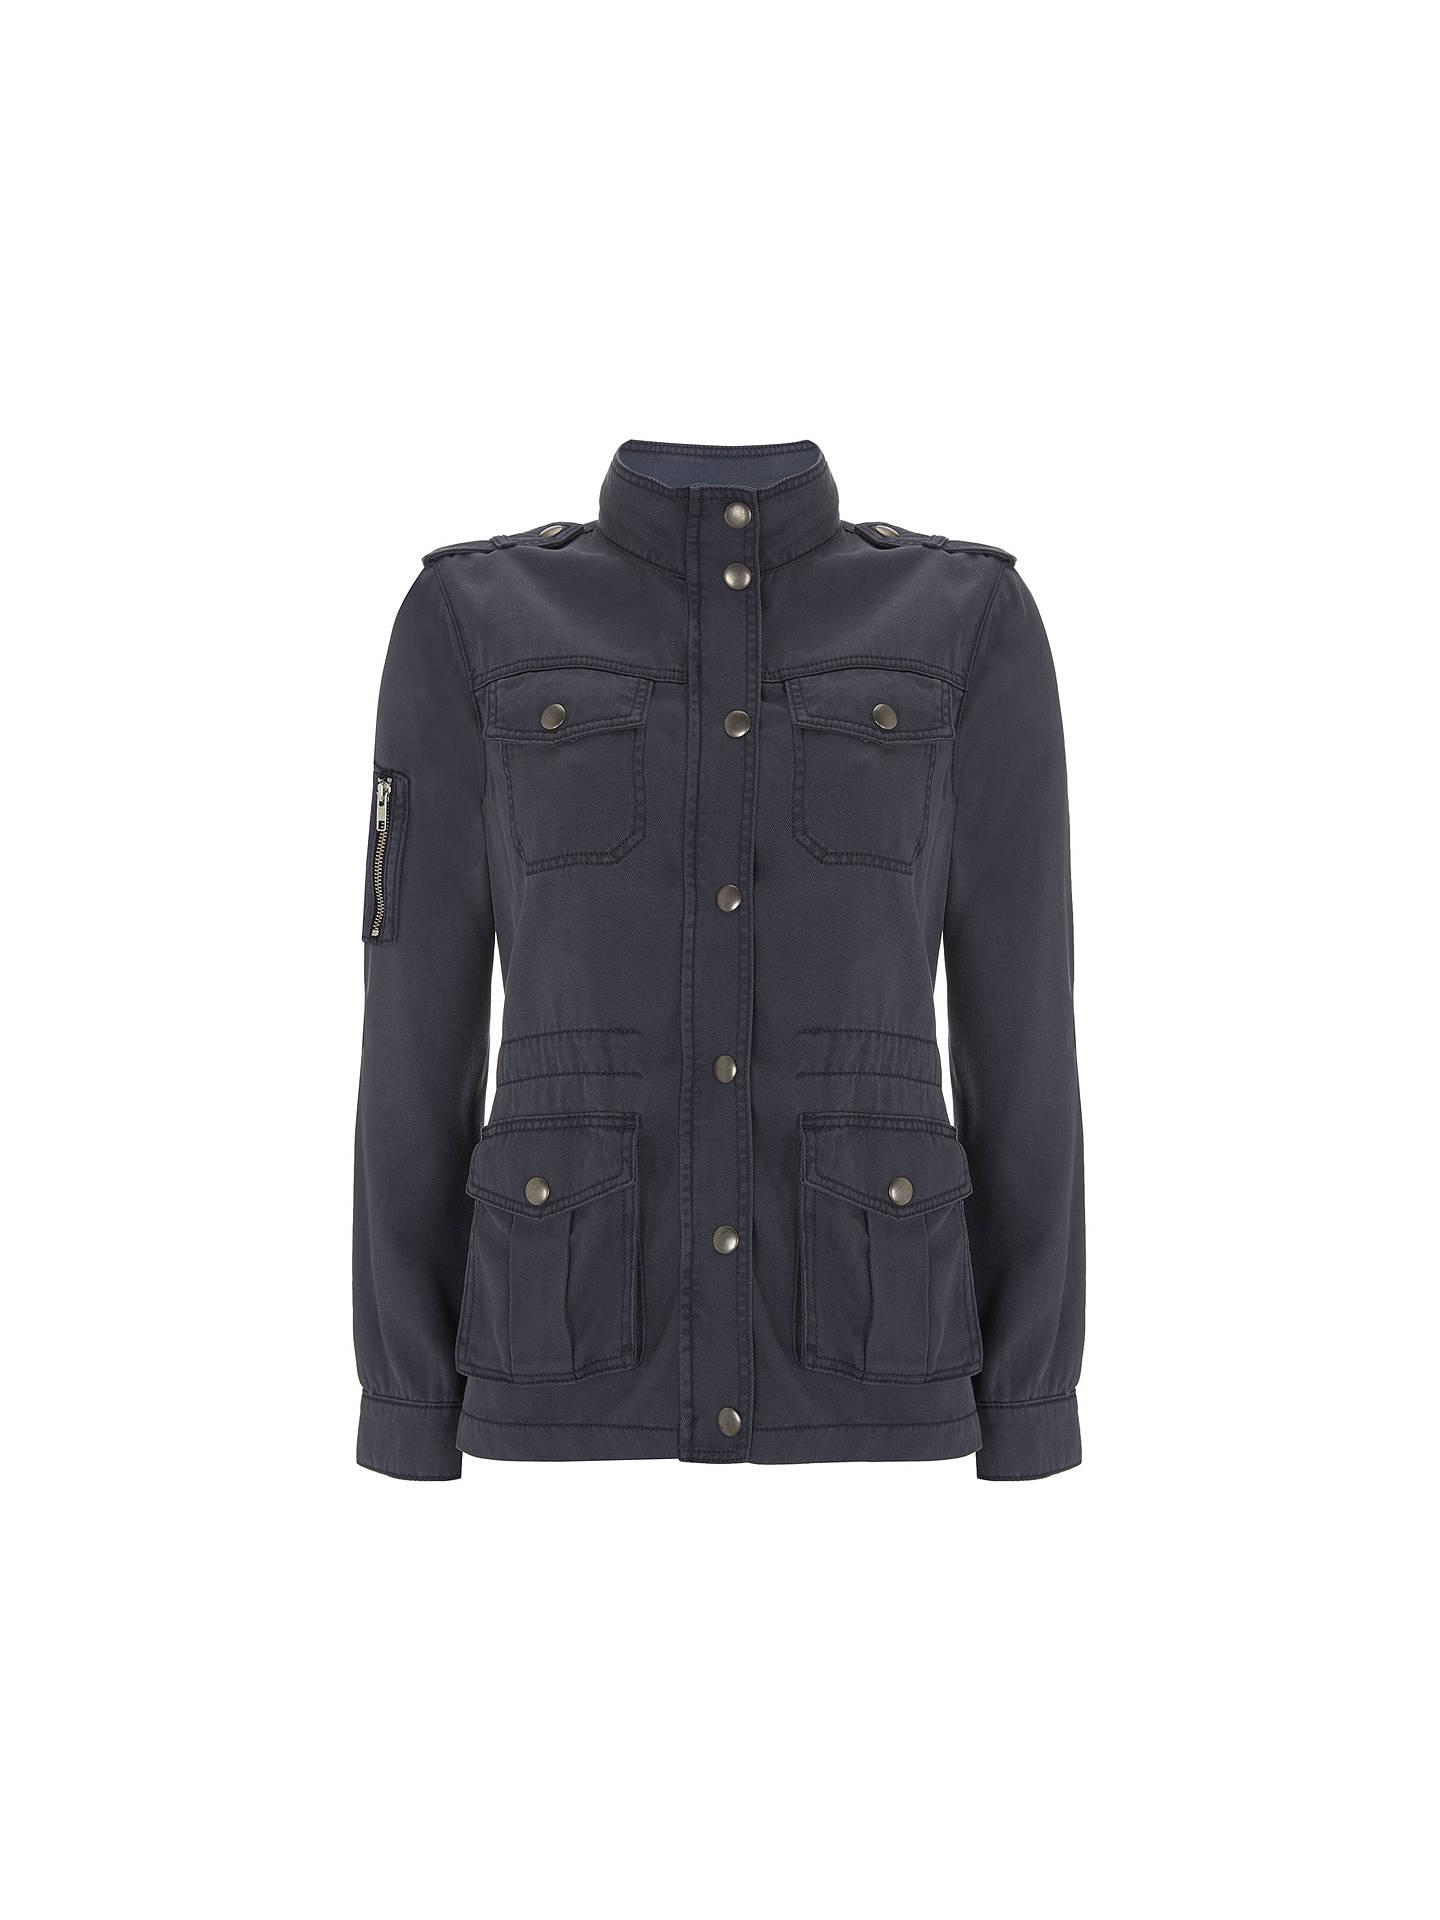 7dfbbec88ccf8 Buy Mint Velvet Washed Indigo Four Pocket Jacket, Blue, 6 Online at  johnlewis.